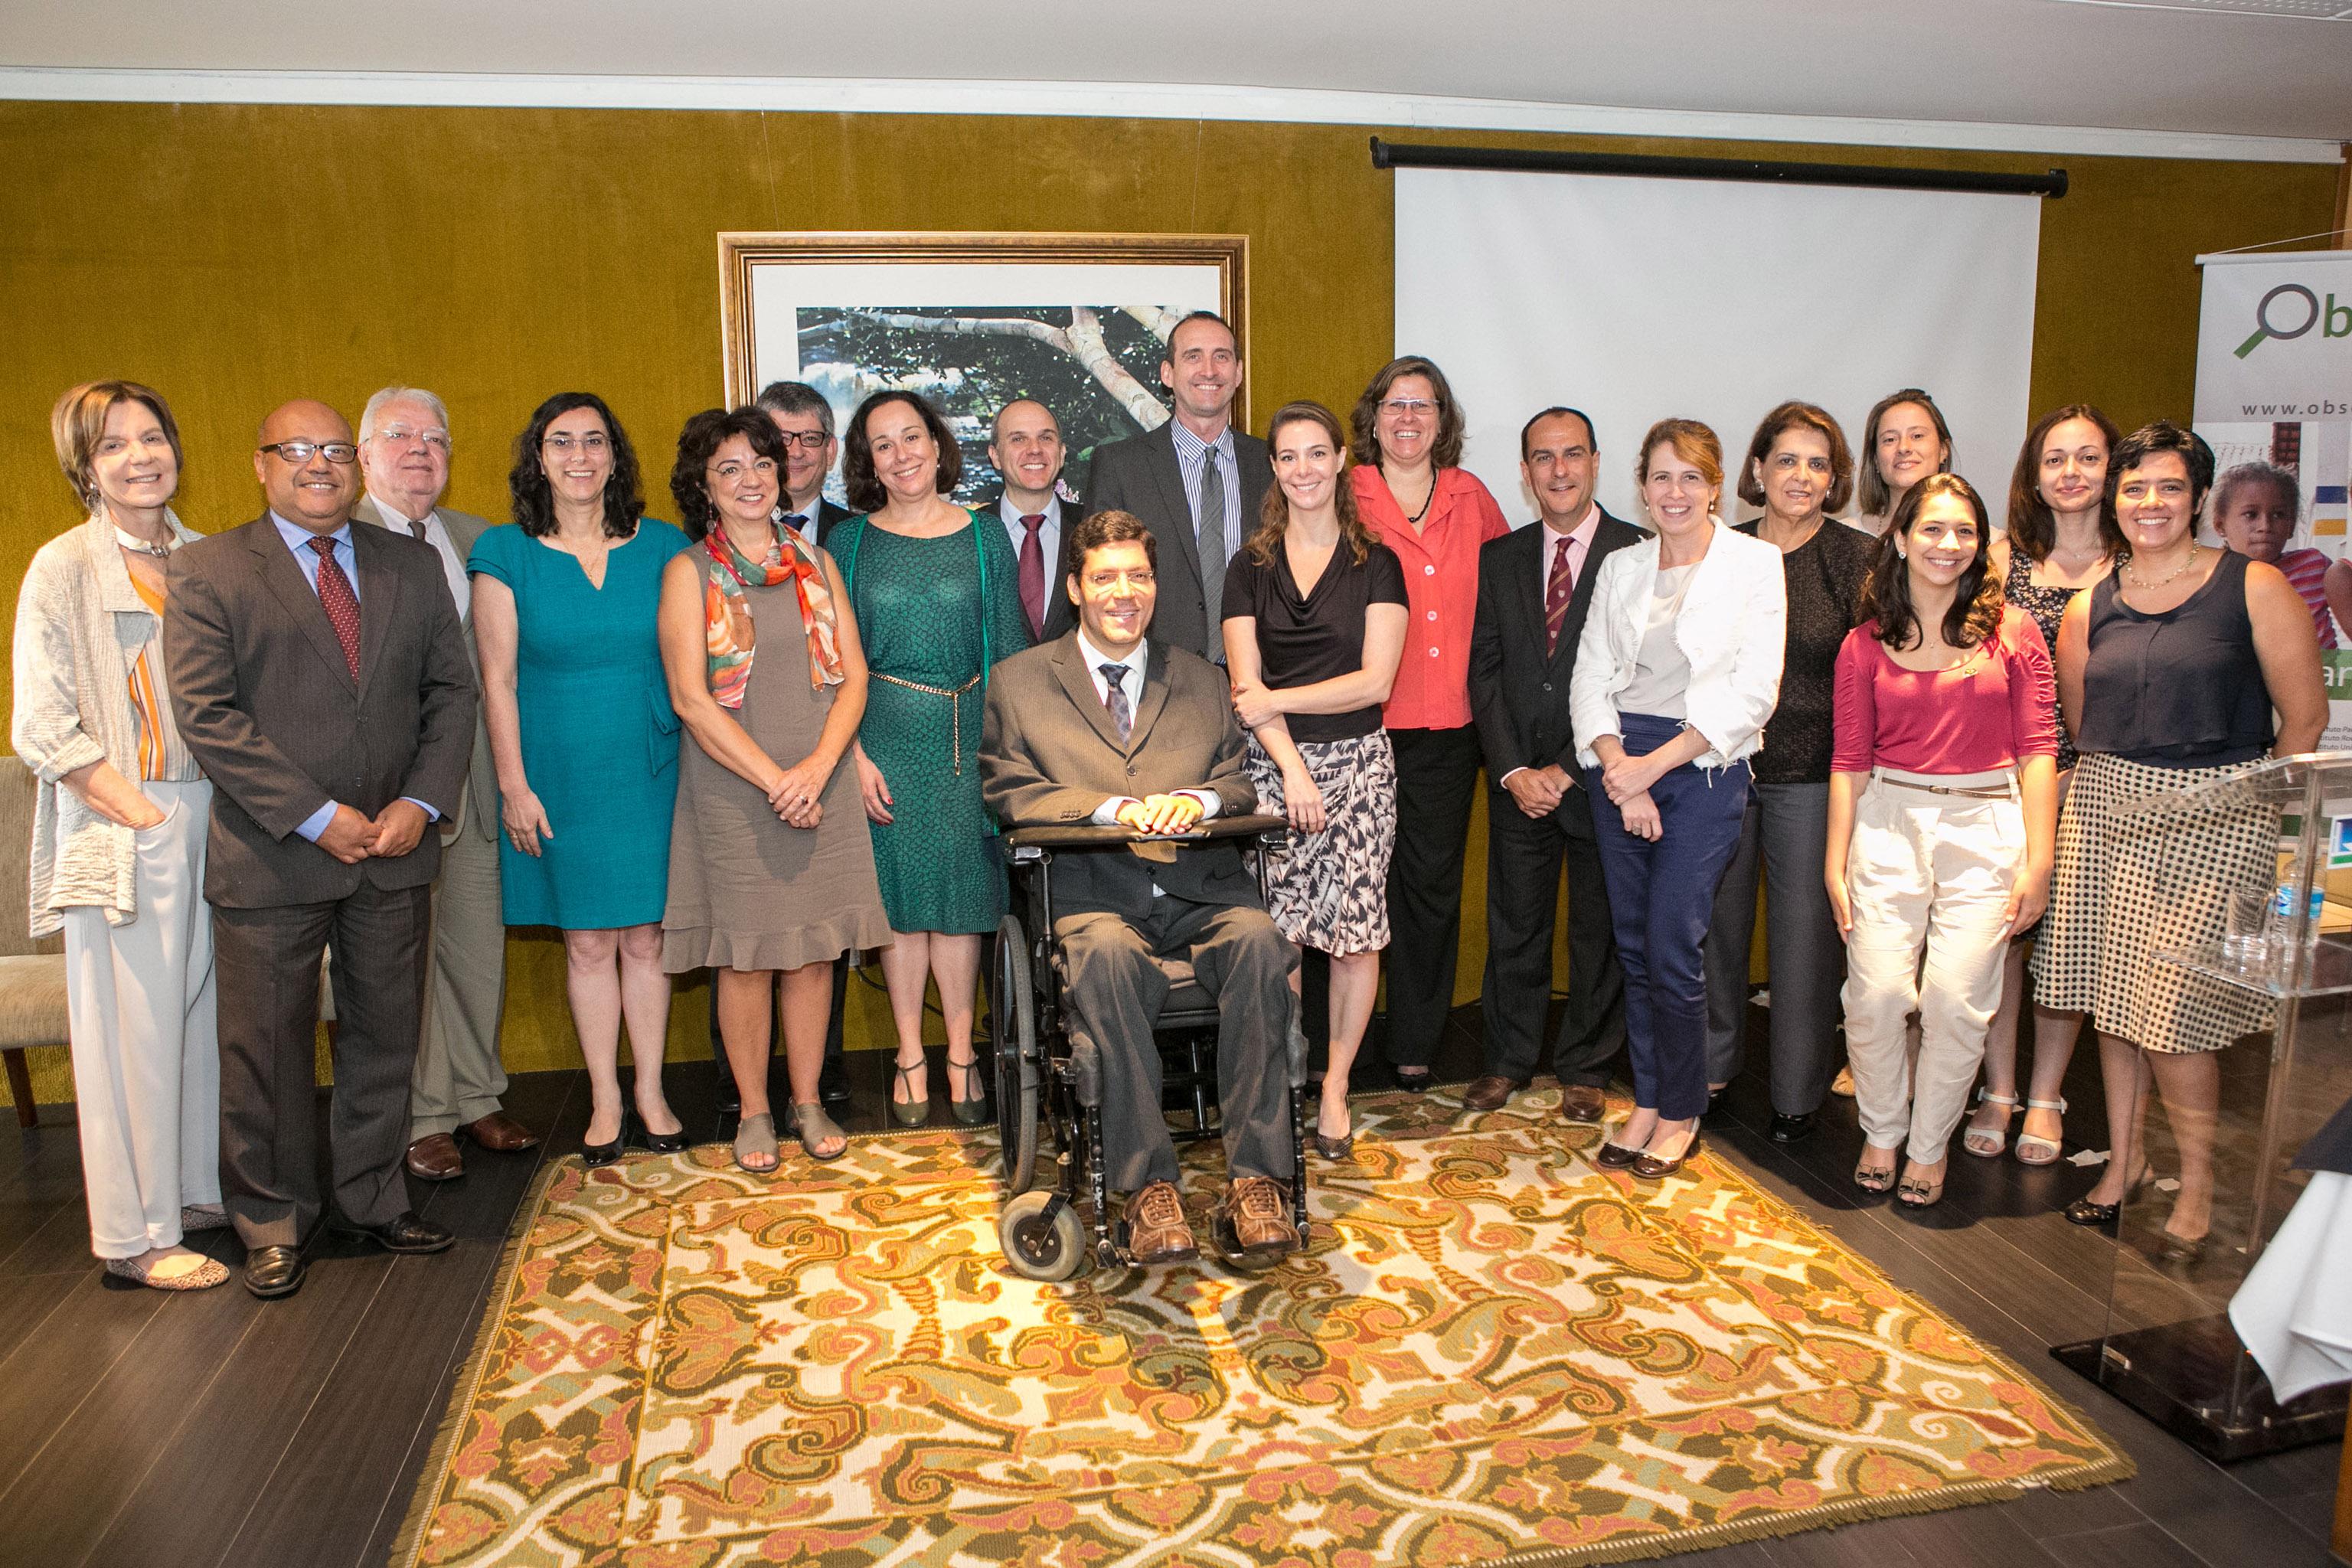 Mulheres e homens em trajes sociais posam para a foto. Elas estão sorridentes e enfileiradas lado a lado, ao centro, Rodrigo em sua cadeira de rodas. No chão, grande tapete estampado.